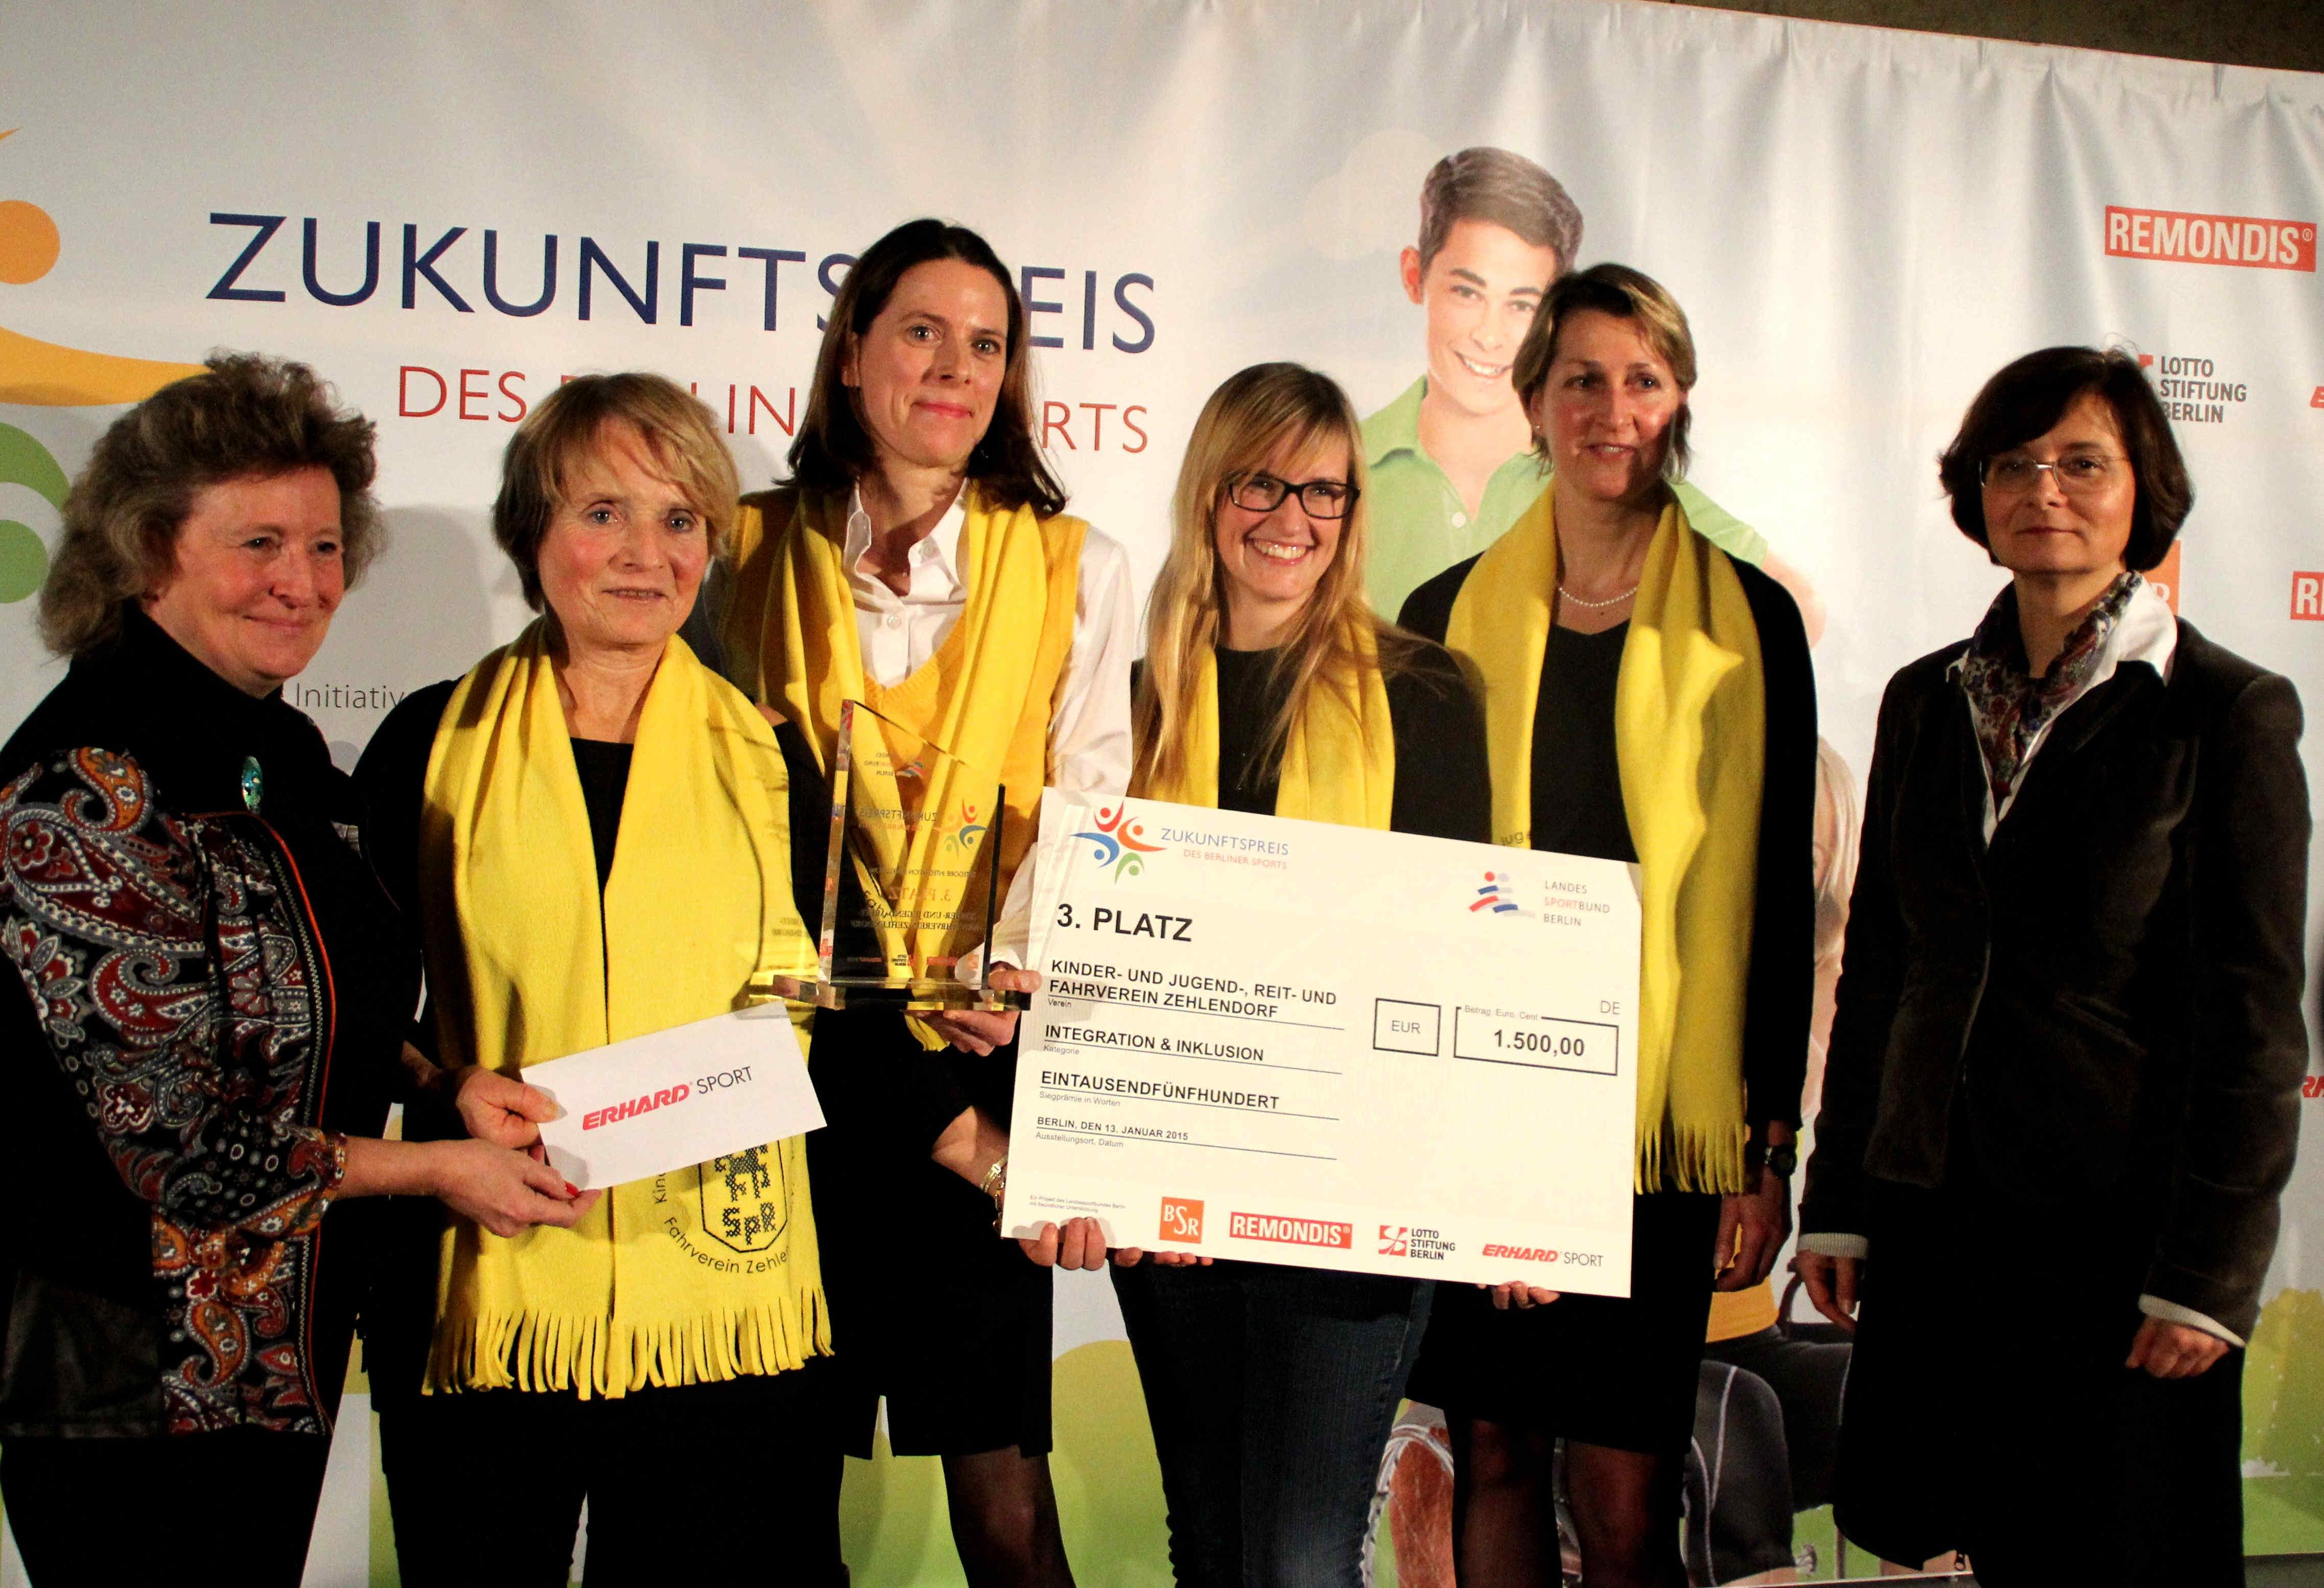 """""""WegberREITER"""" für die Inklusion: KJRV mit Zukunftspreis des Berliner Sports ausgezeichnet"""